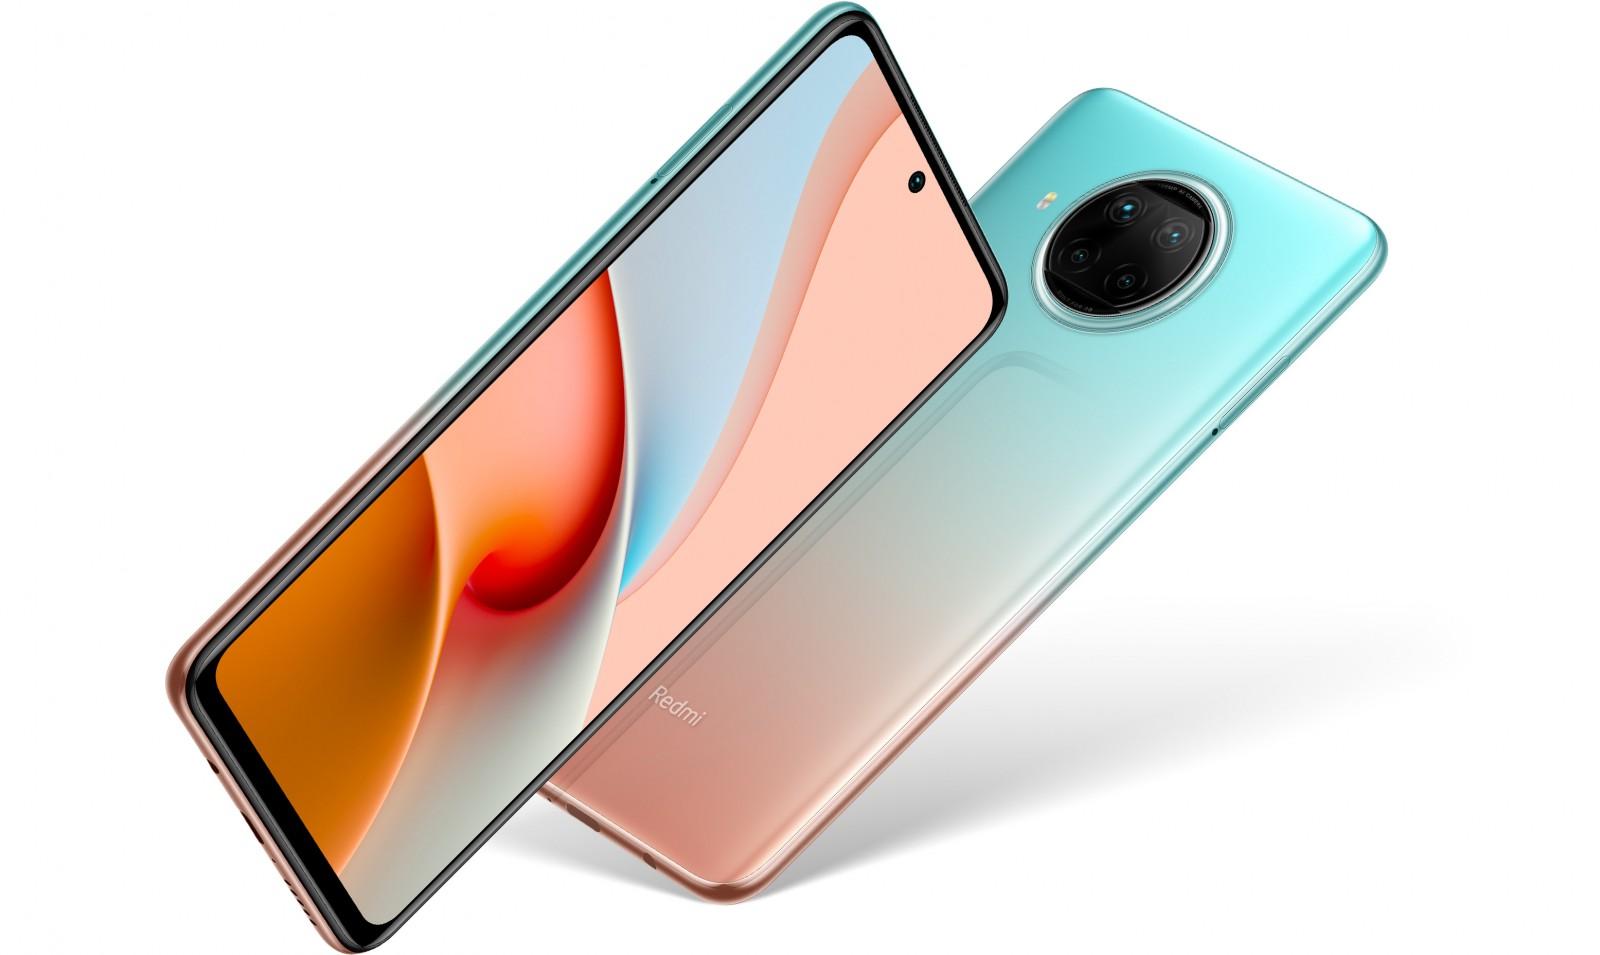 Xiaomi já vendeu mais de 100.000 unidades do site Redmi Note 9 Pro 5G -  NotebookCheck.net News